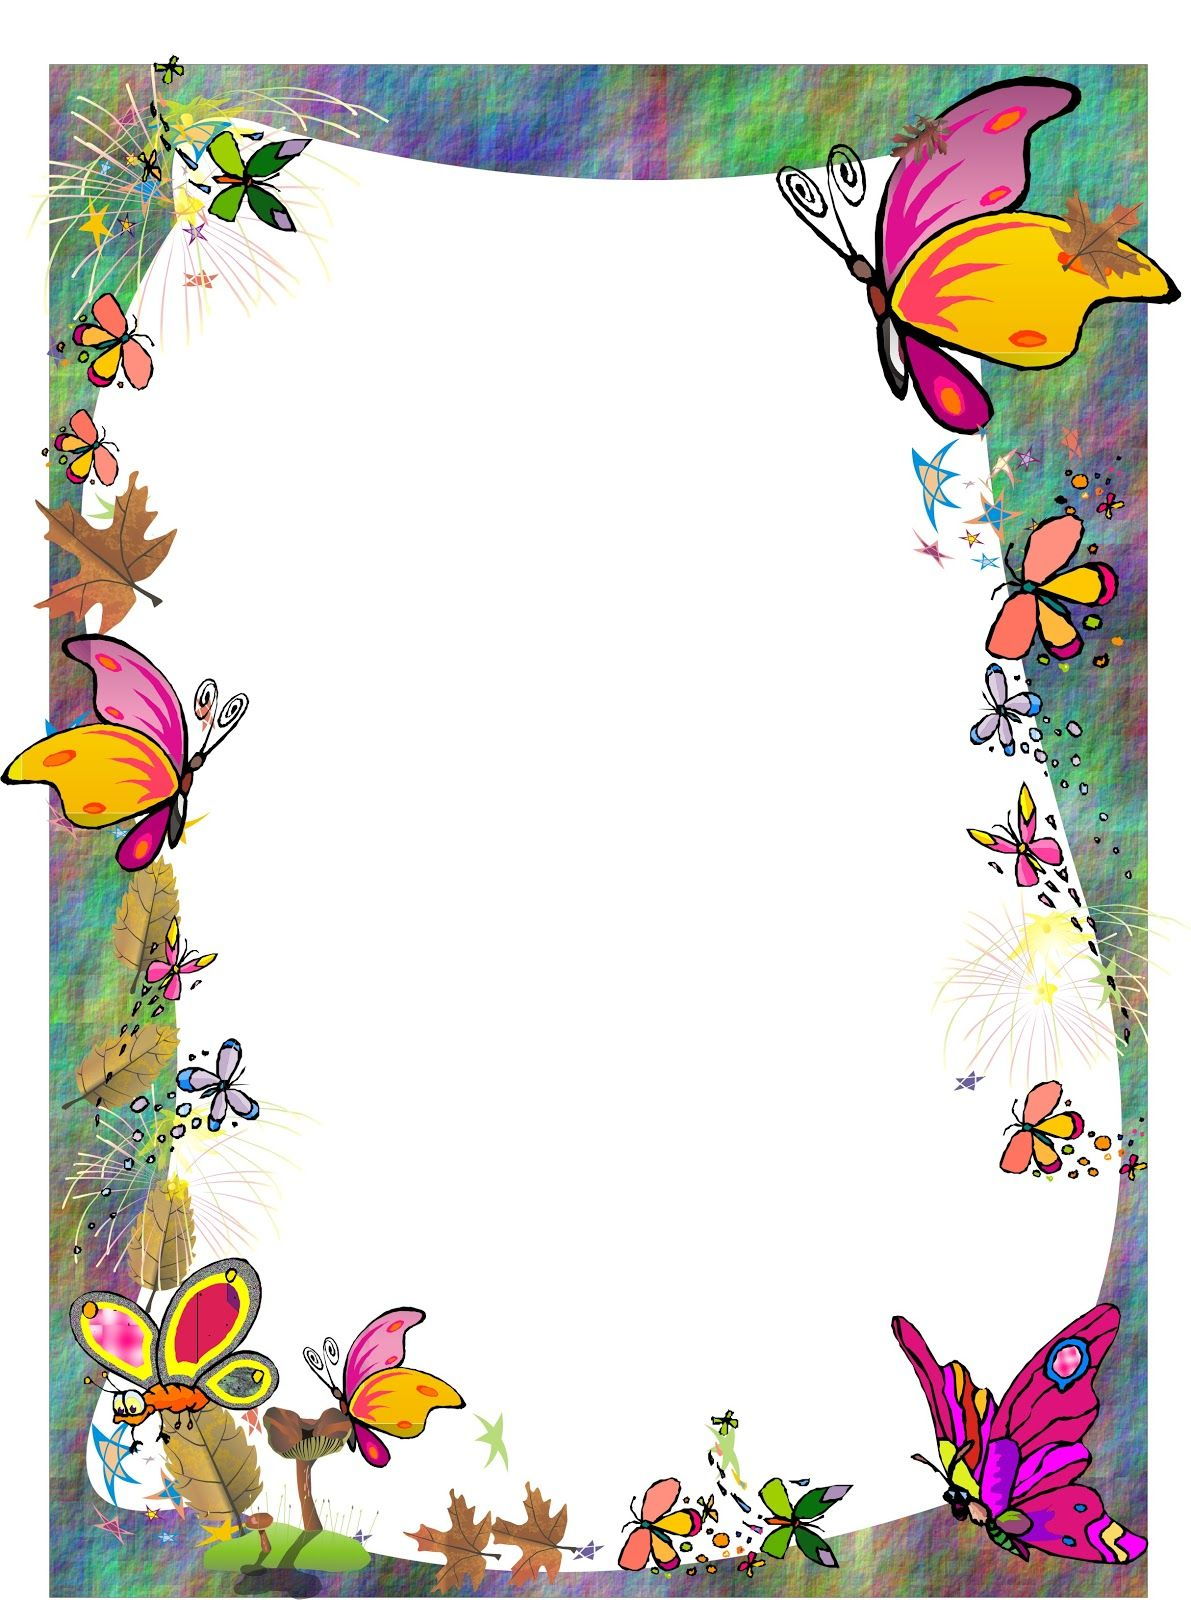 Imagenes de ramas y flores para decorar marcos para cuadros manualidades yahoo image search - Figuras para decorar ...